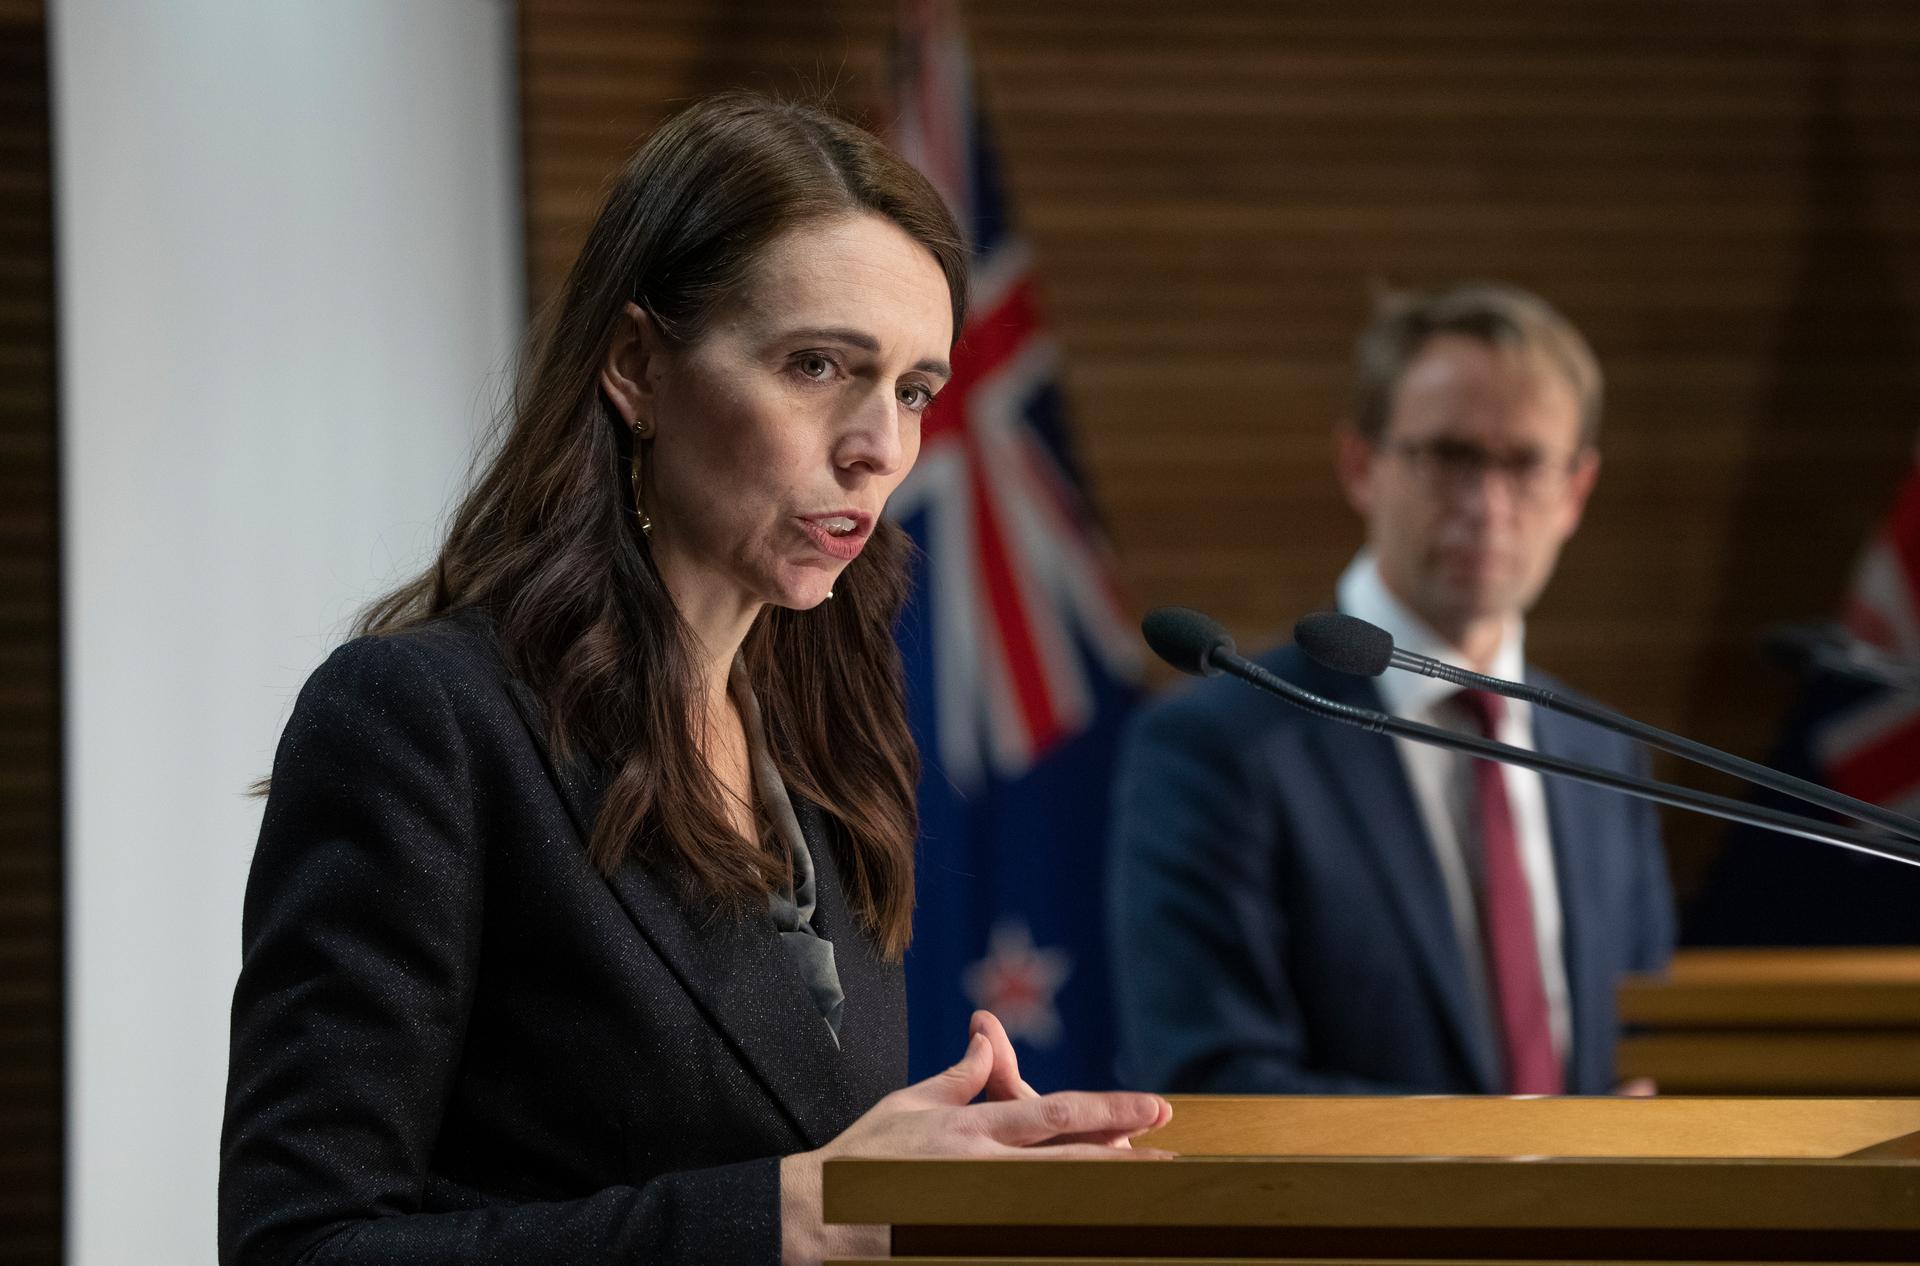 Thủ tướng New Zealand Jacinda Ardern thông báo lộ trình tái mở cửa từng phần vào đầu tháng 8. Ảnh: AAP.